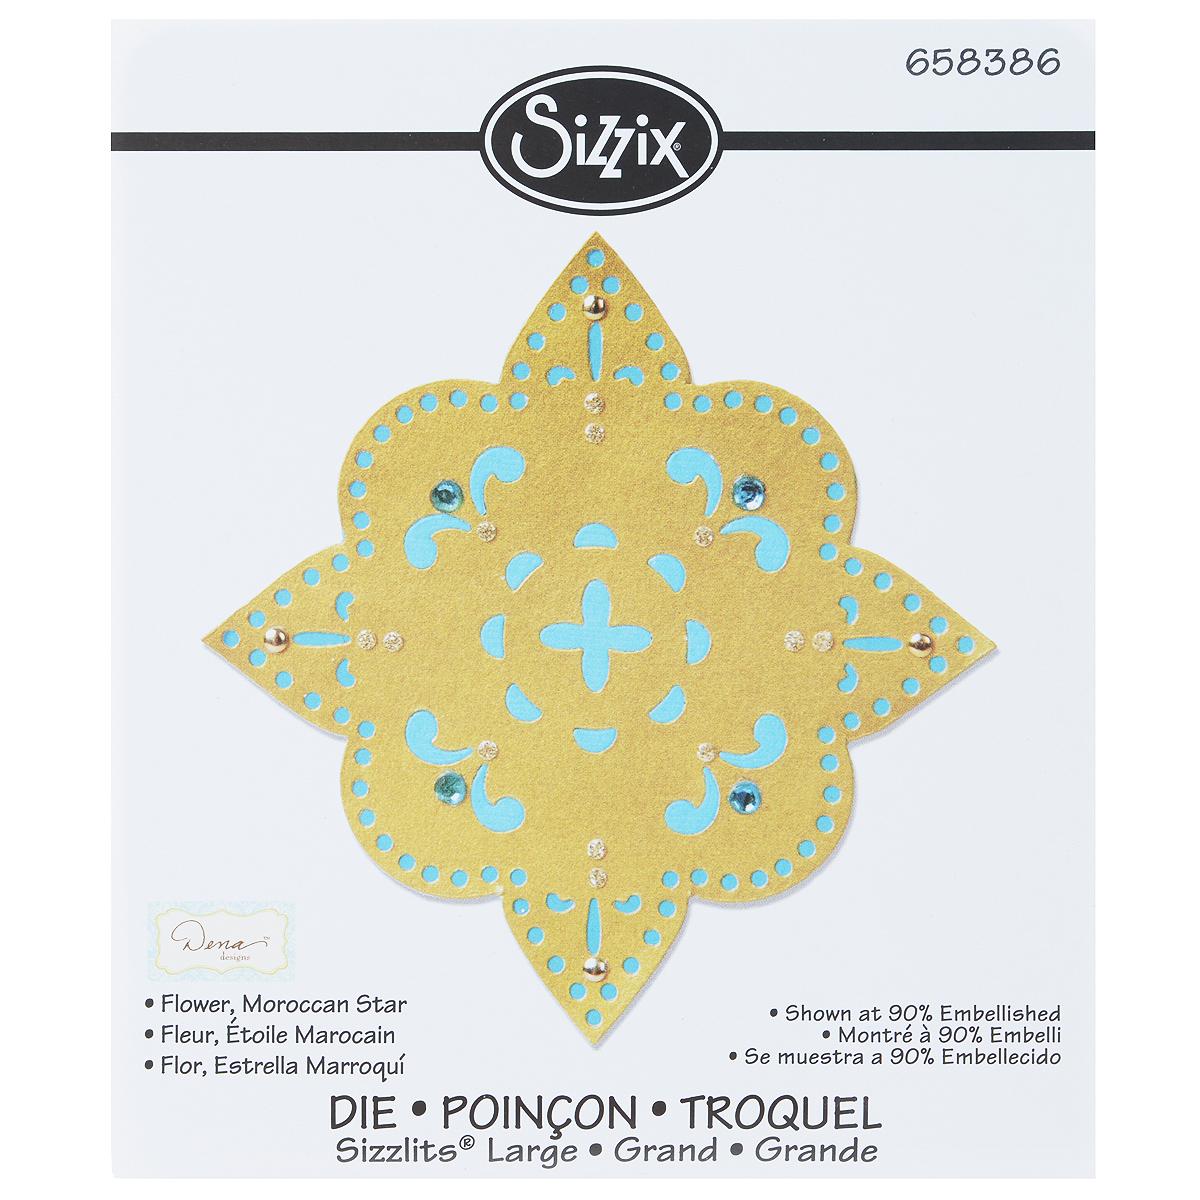 Форма для вырубки Sizzix Марокко658386С помощью формы для вырубки Sizzix Марокко, изготовленной из пластика и металла, можно создать фигурку оригинальной формы. Форма для вырубки - это определенной формы нож, обеспечивающий форму вырубной фигуры. Он режет бумагу, картон и ткань. Форма станет незаменимой при создании скрап-страничек, открыток и конвертов с резными декоративными фигурками и ажурными украшениями. Форма для вырубки разнообразит вашу работу и добавит вдохновения для новых идей. Форма подходит для машинки для вырубки. Размер фигурки: 9,5 см х 9,2 см. Размер формы: 13,3 см х 11,2 см х 0,3 см.